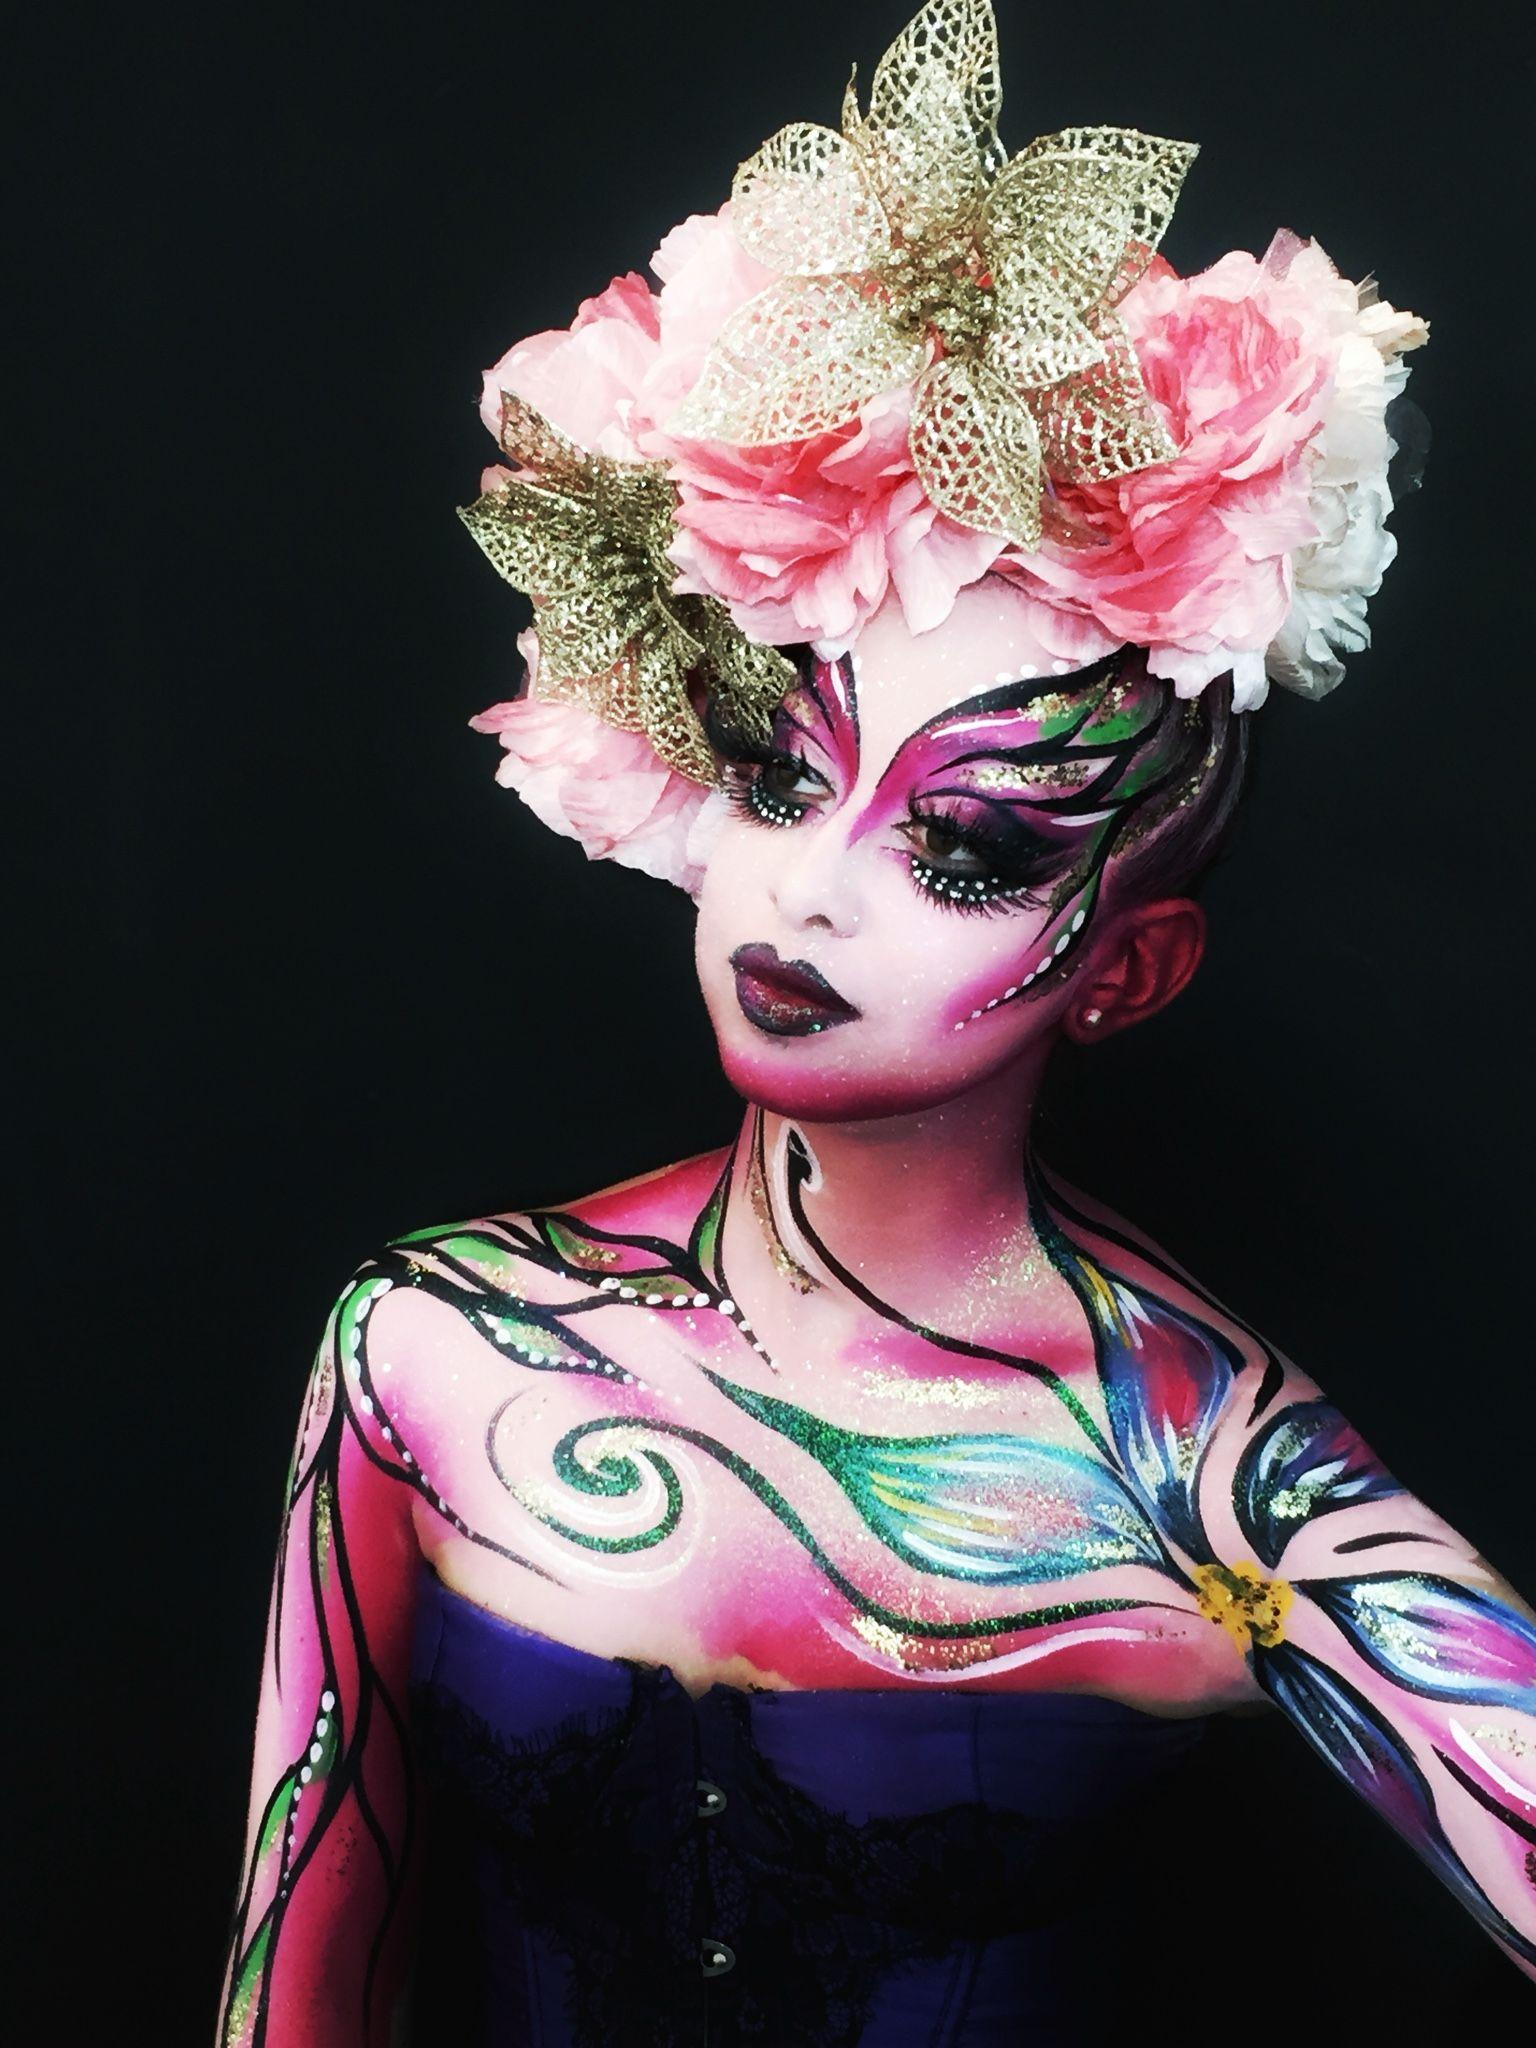 Maquillage Artistique Halloween.